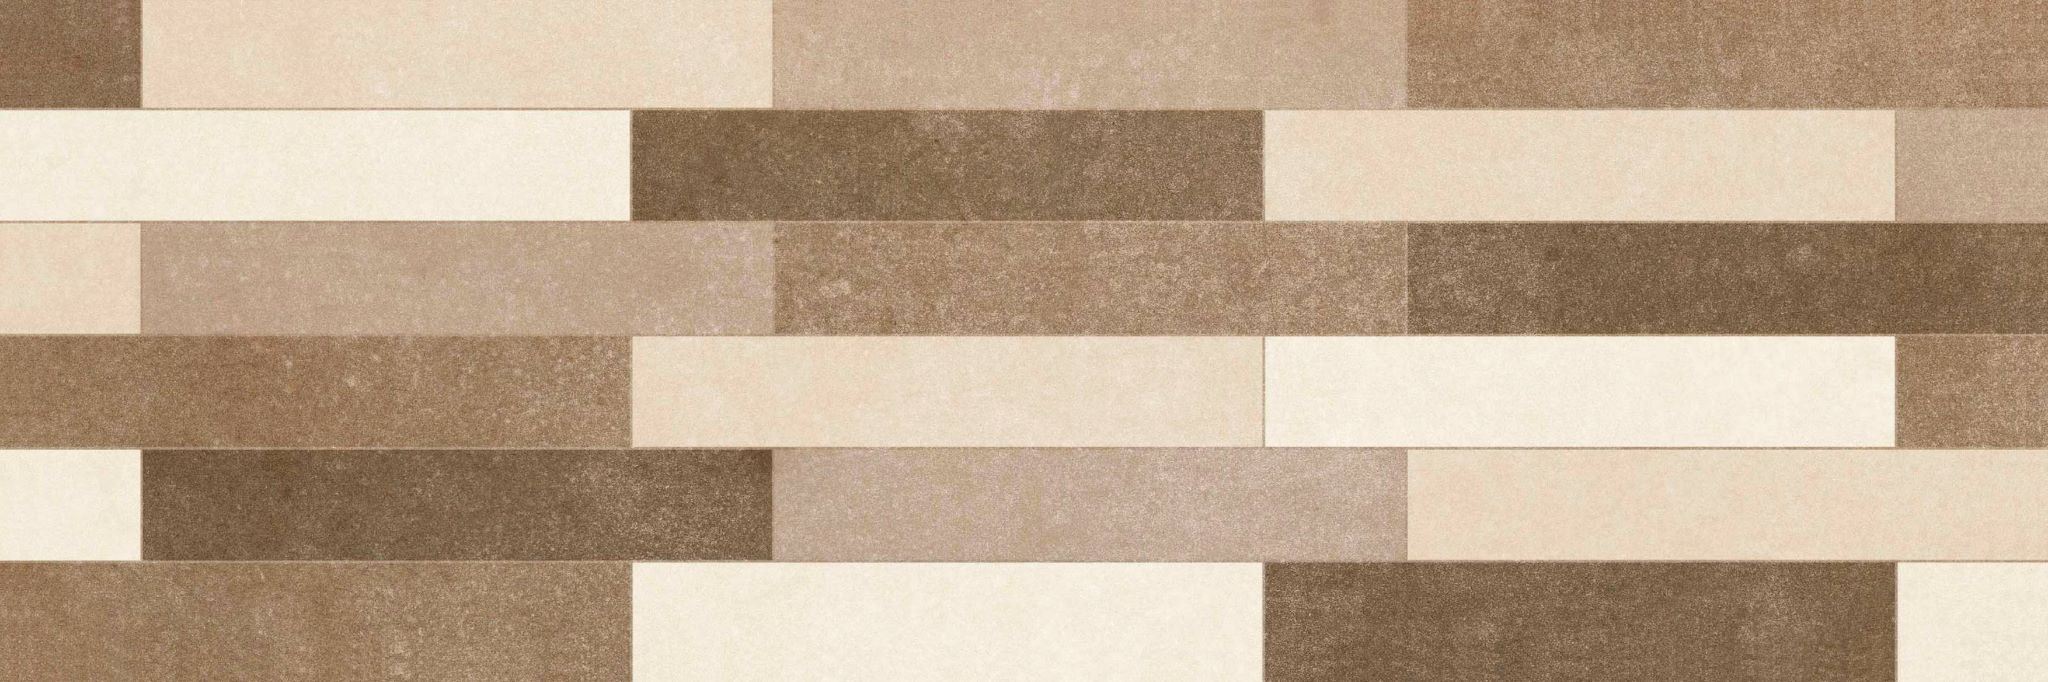 Pločice | Decor Dedalo Beige - Keros - 20x60